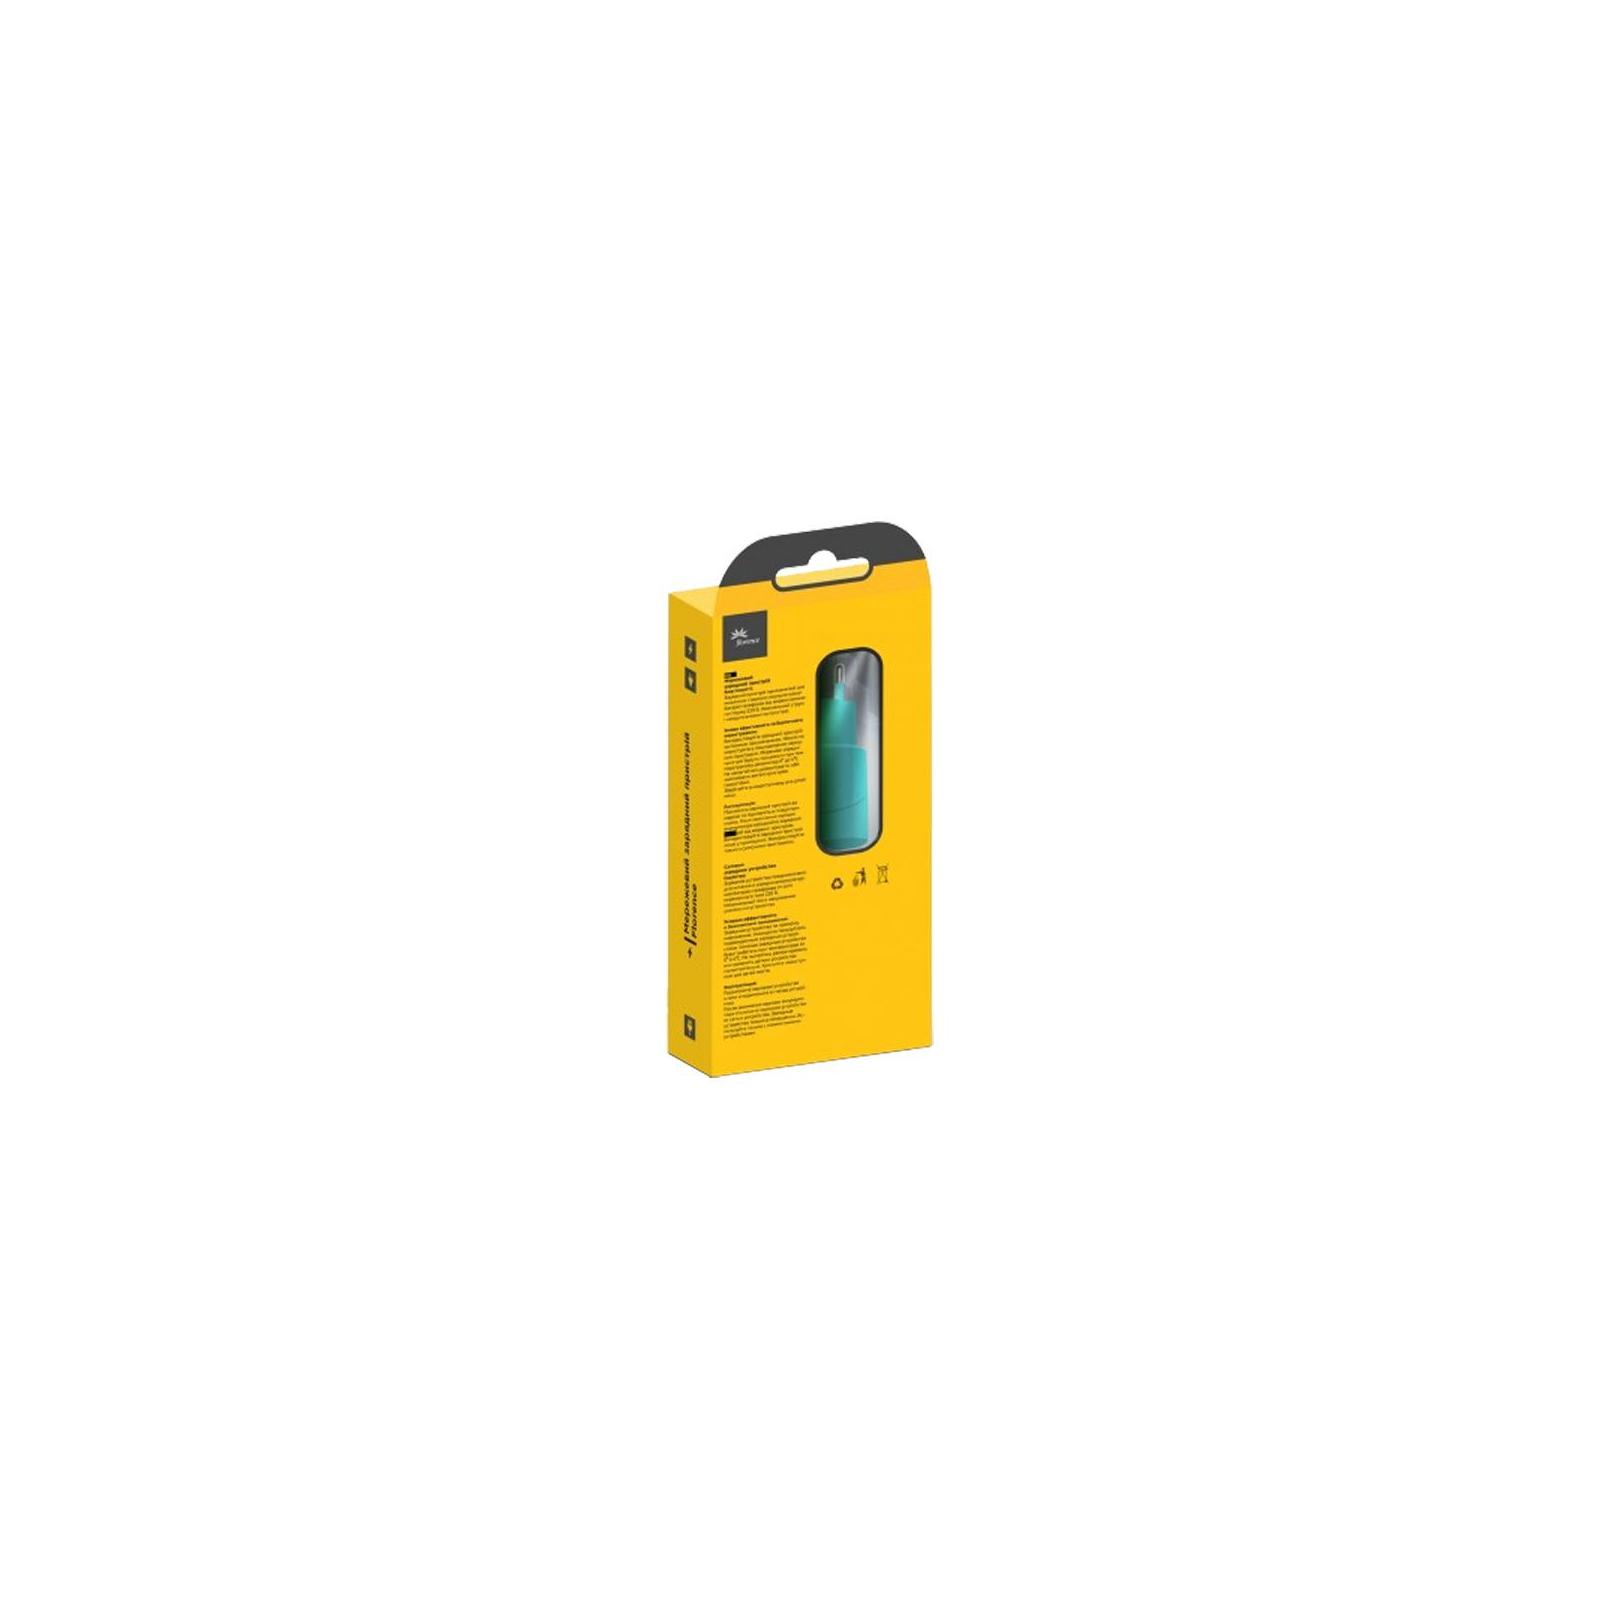 Зарядное устройство Florence USB, 1.0A aquamarin color (FW-1U010A) изображение 3